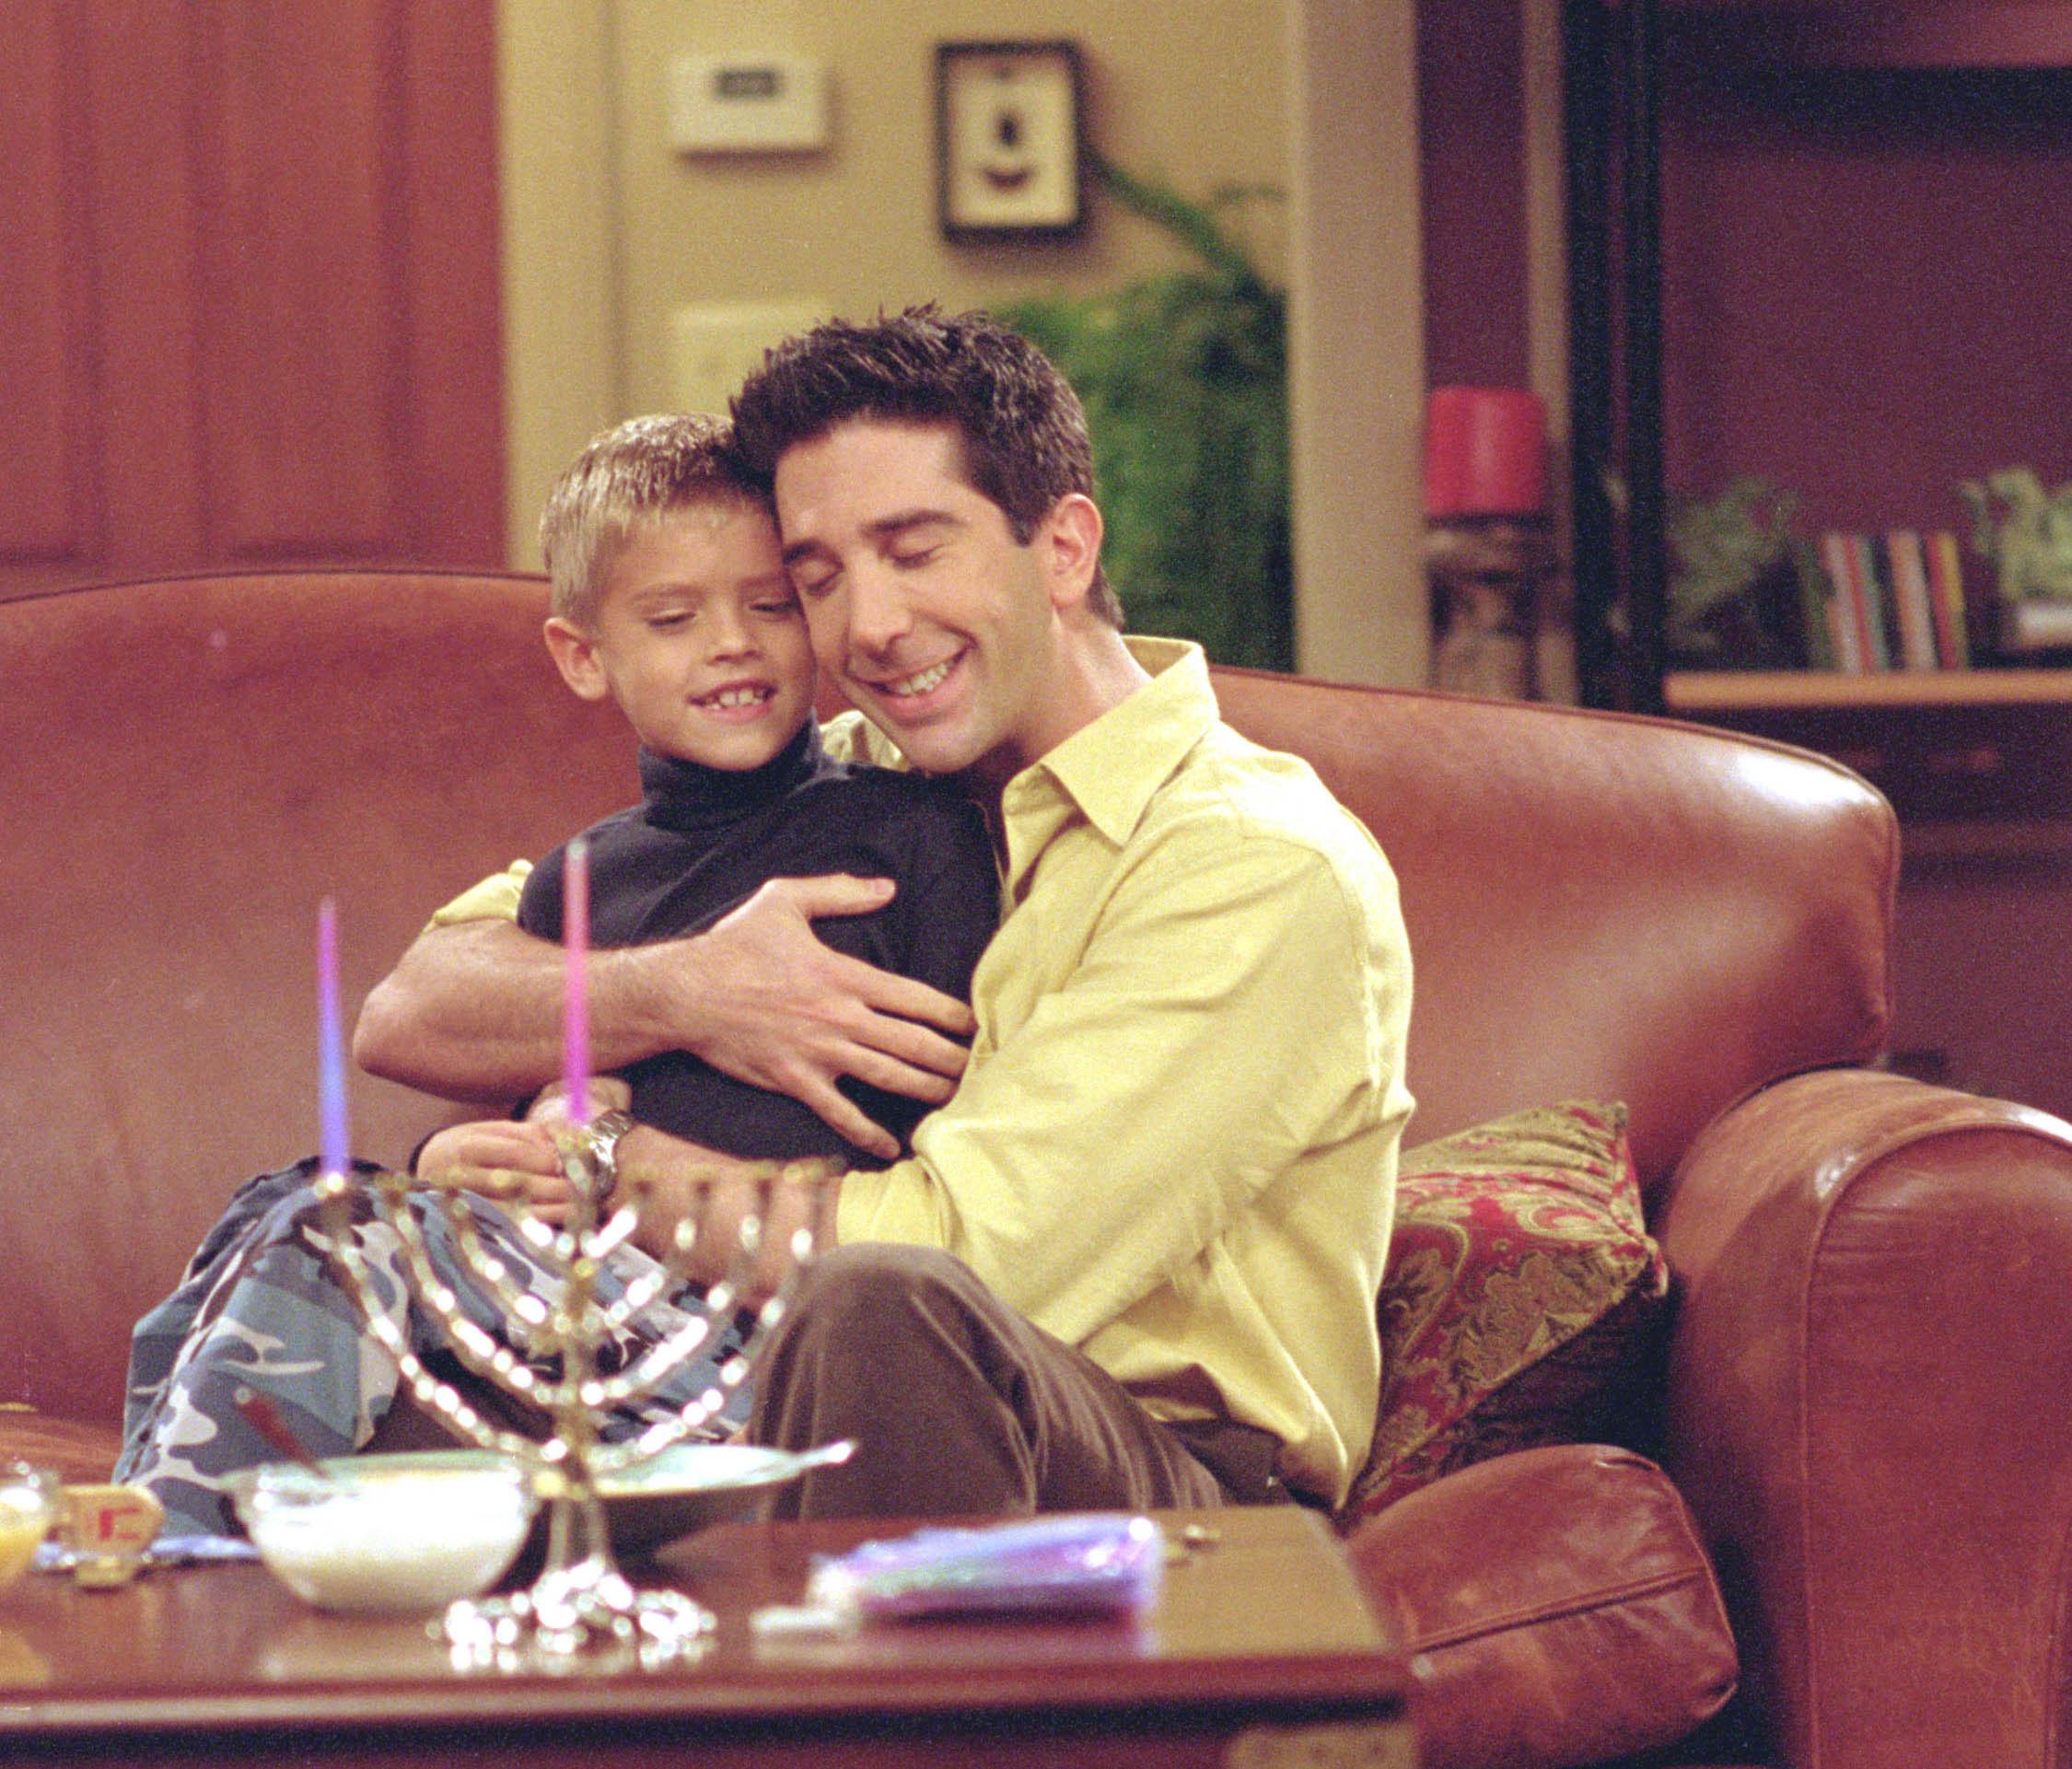 Ross hugging Ben.